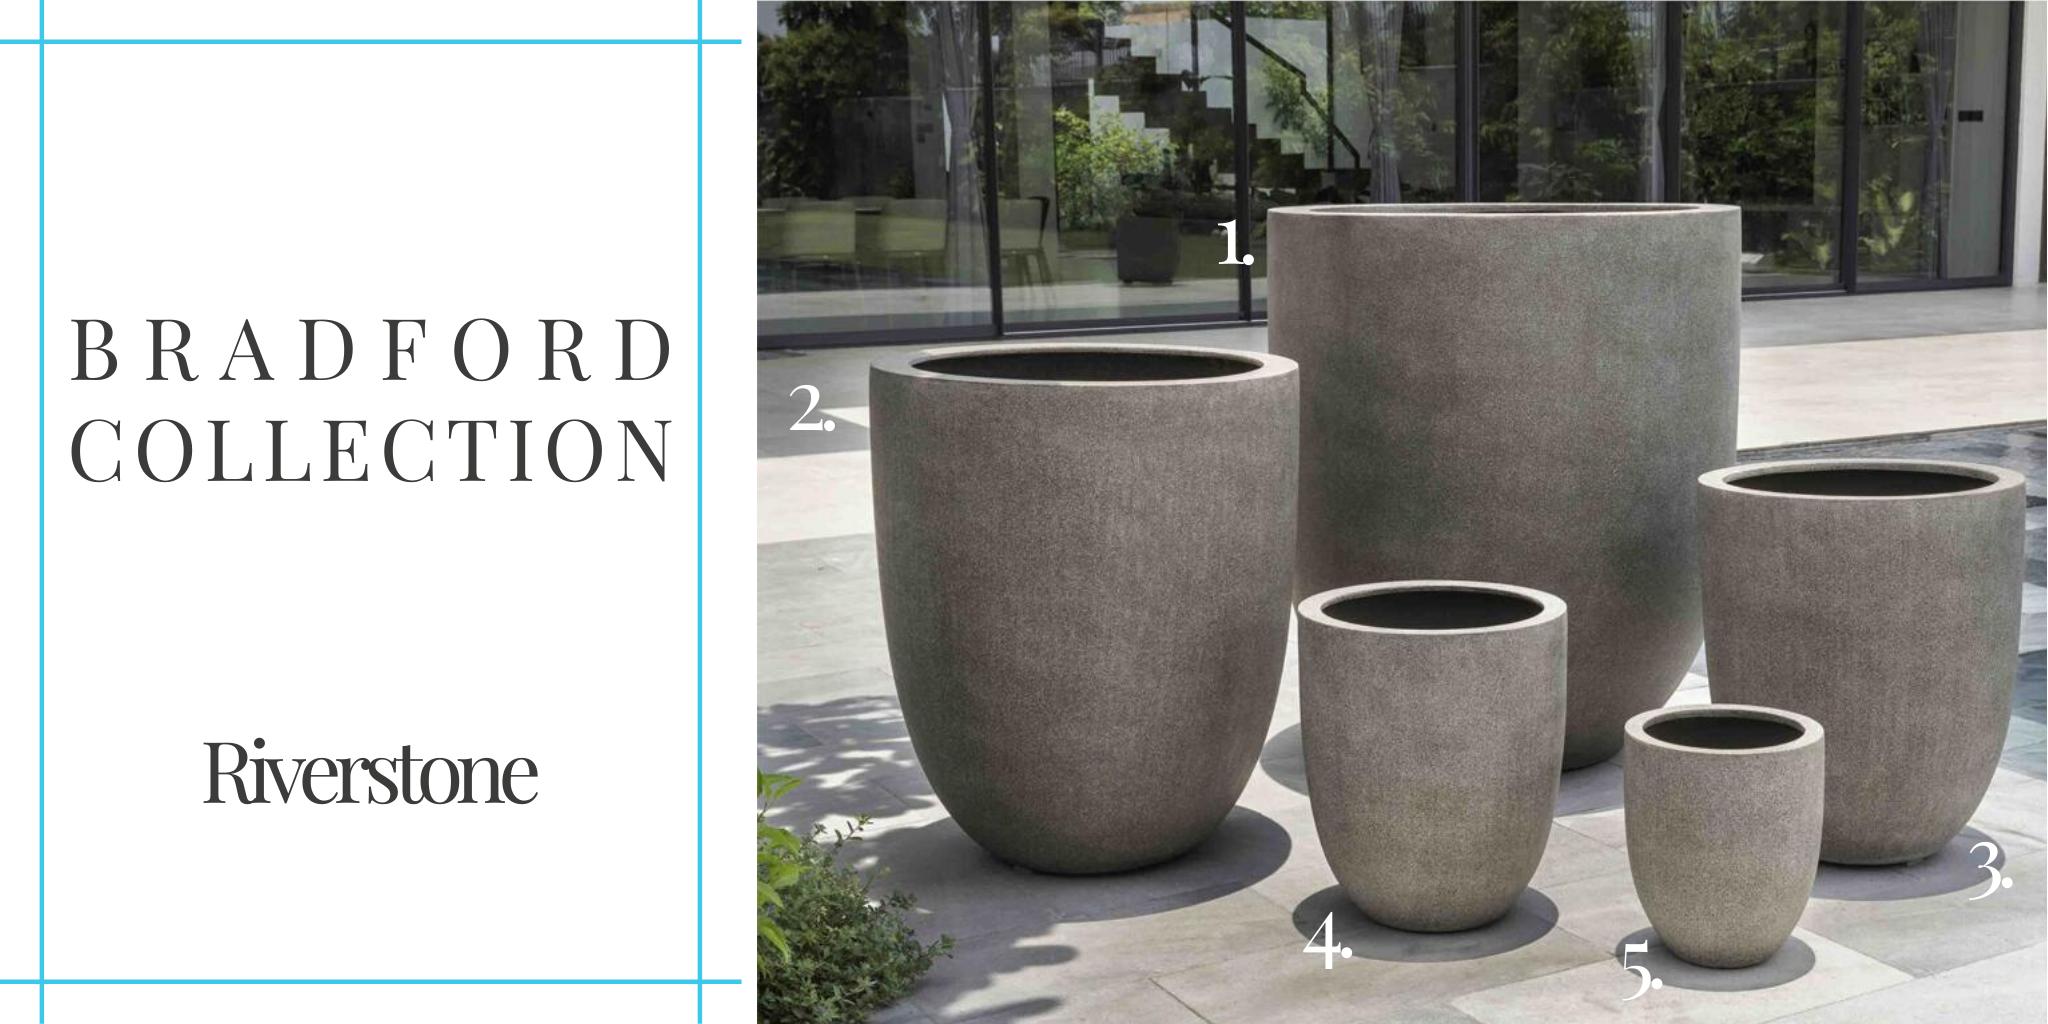 bradford-collection-riverstone planters campania